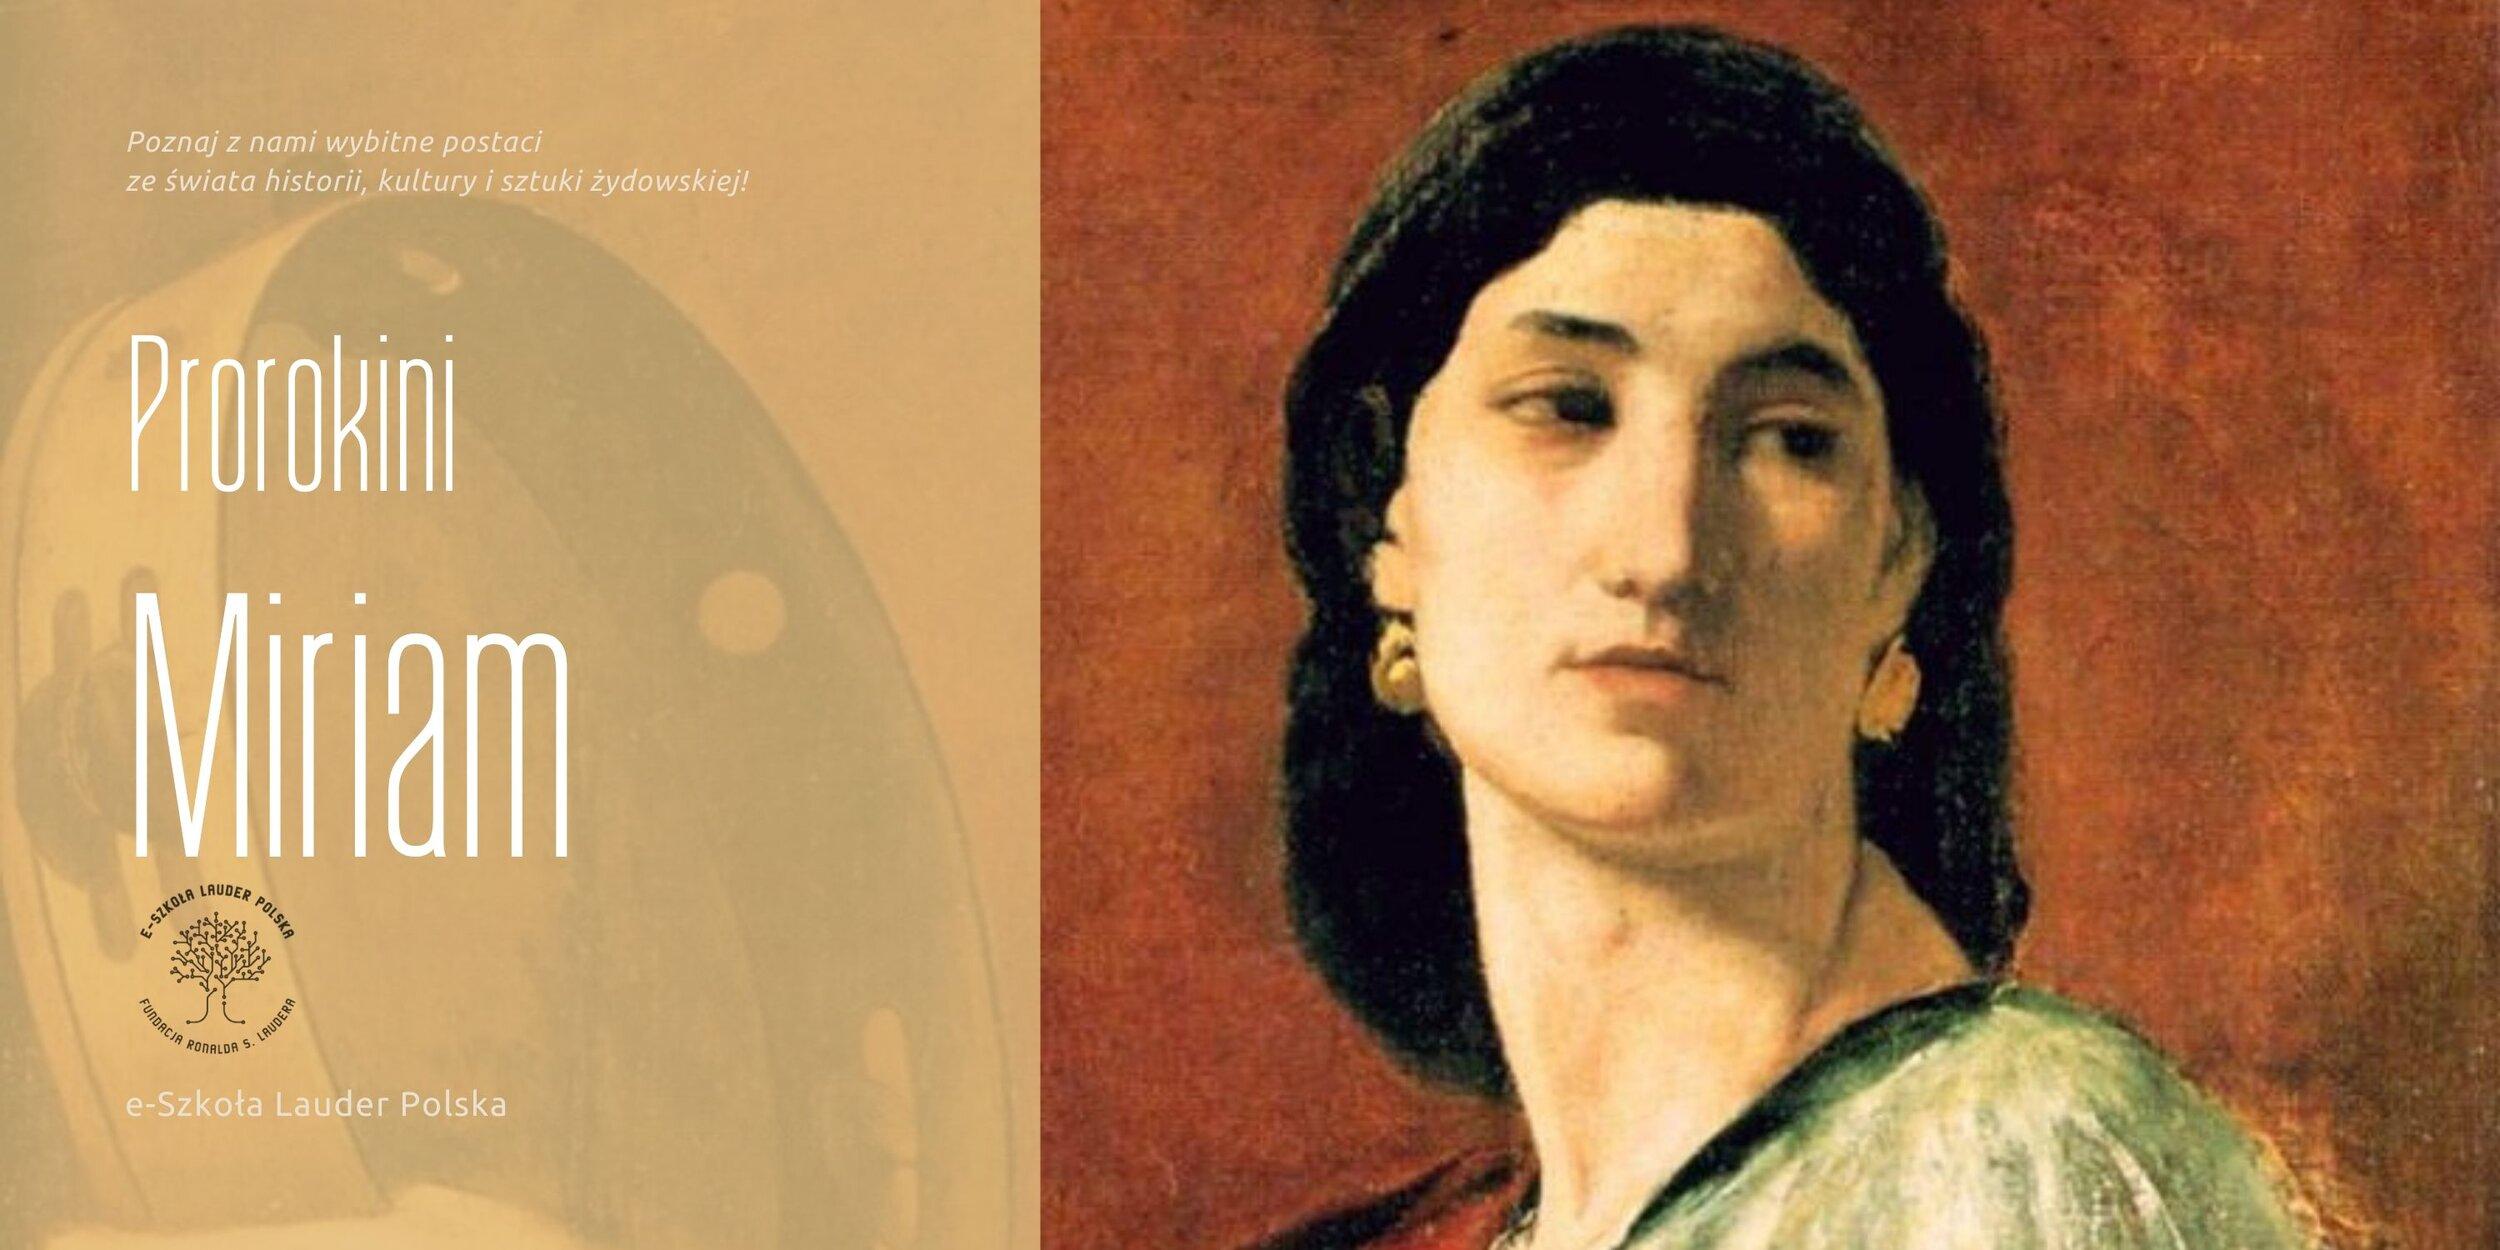 Miriam – prorokini, przywódczyni i poetka